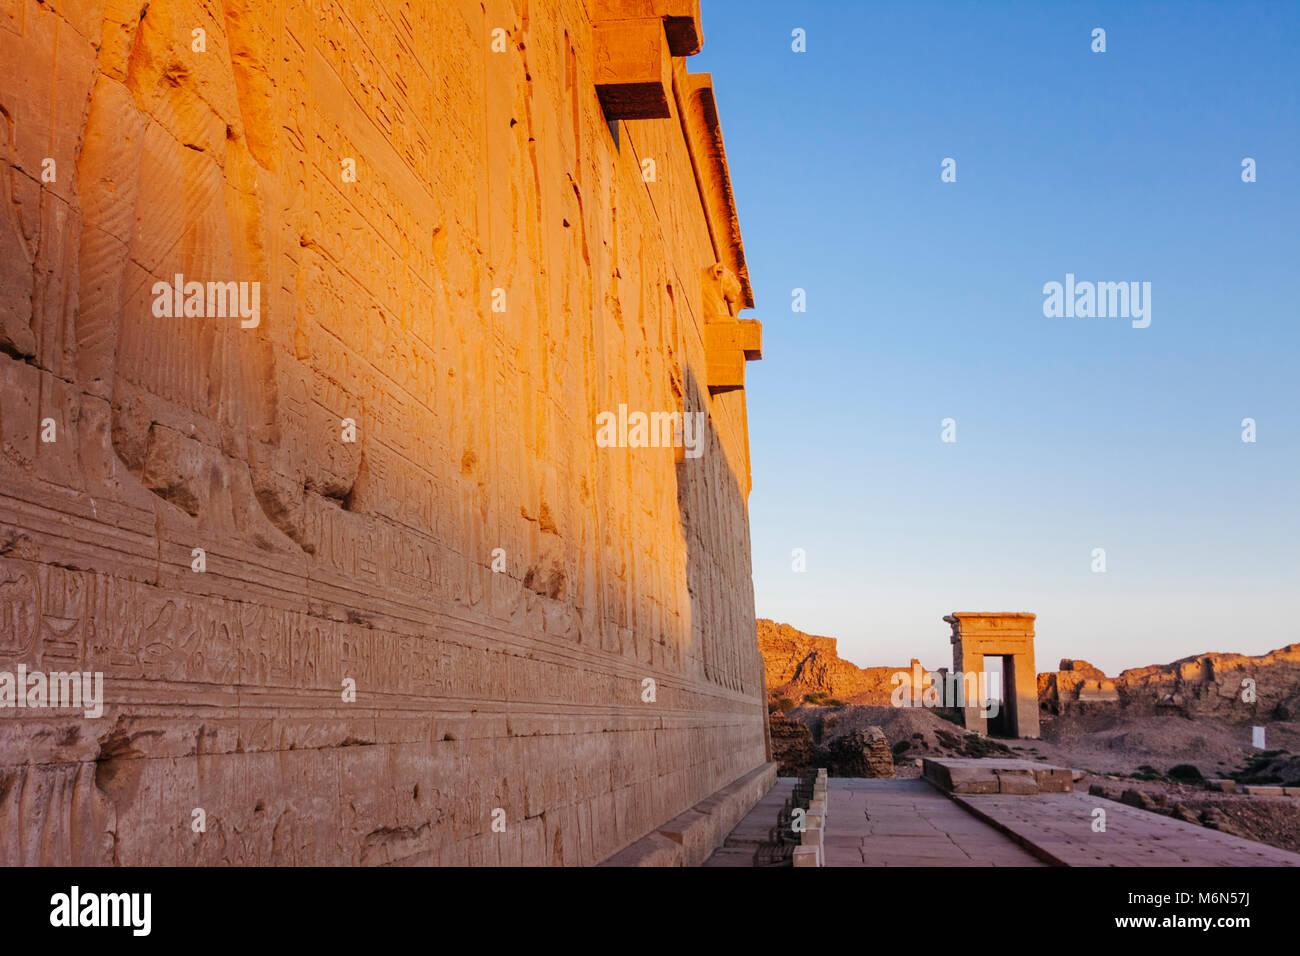 Bas-reliefs en dehors du Temple d'Hathor avec l'une des passerelles du composé en arrière-plan Photo Stock